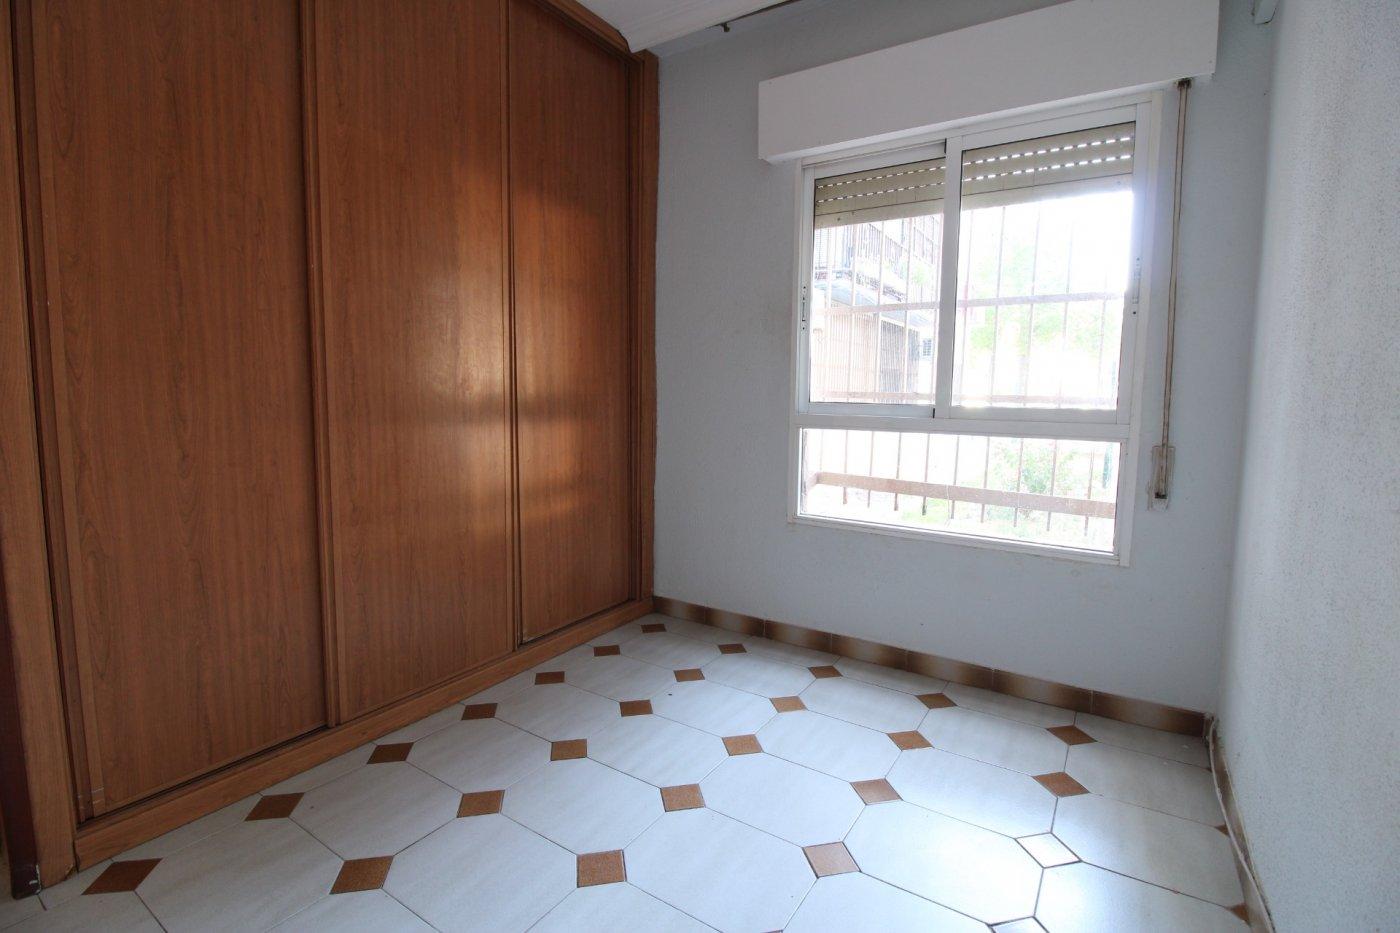 Piso a la venta en sevilla zona carretera carmona - imagenInmueble27